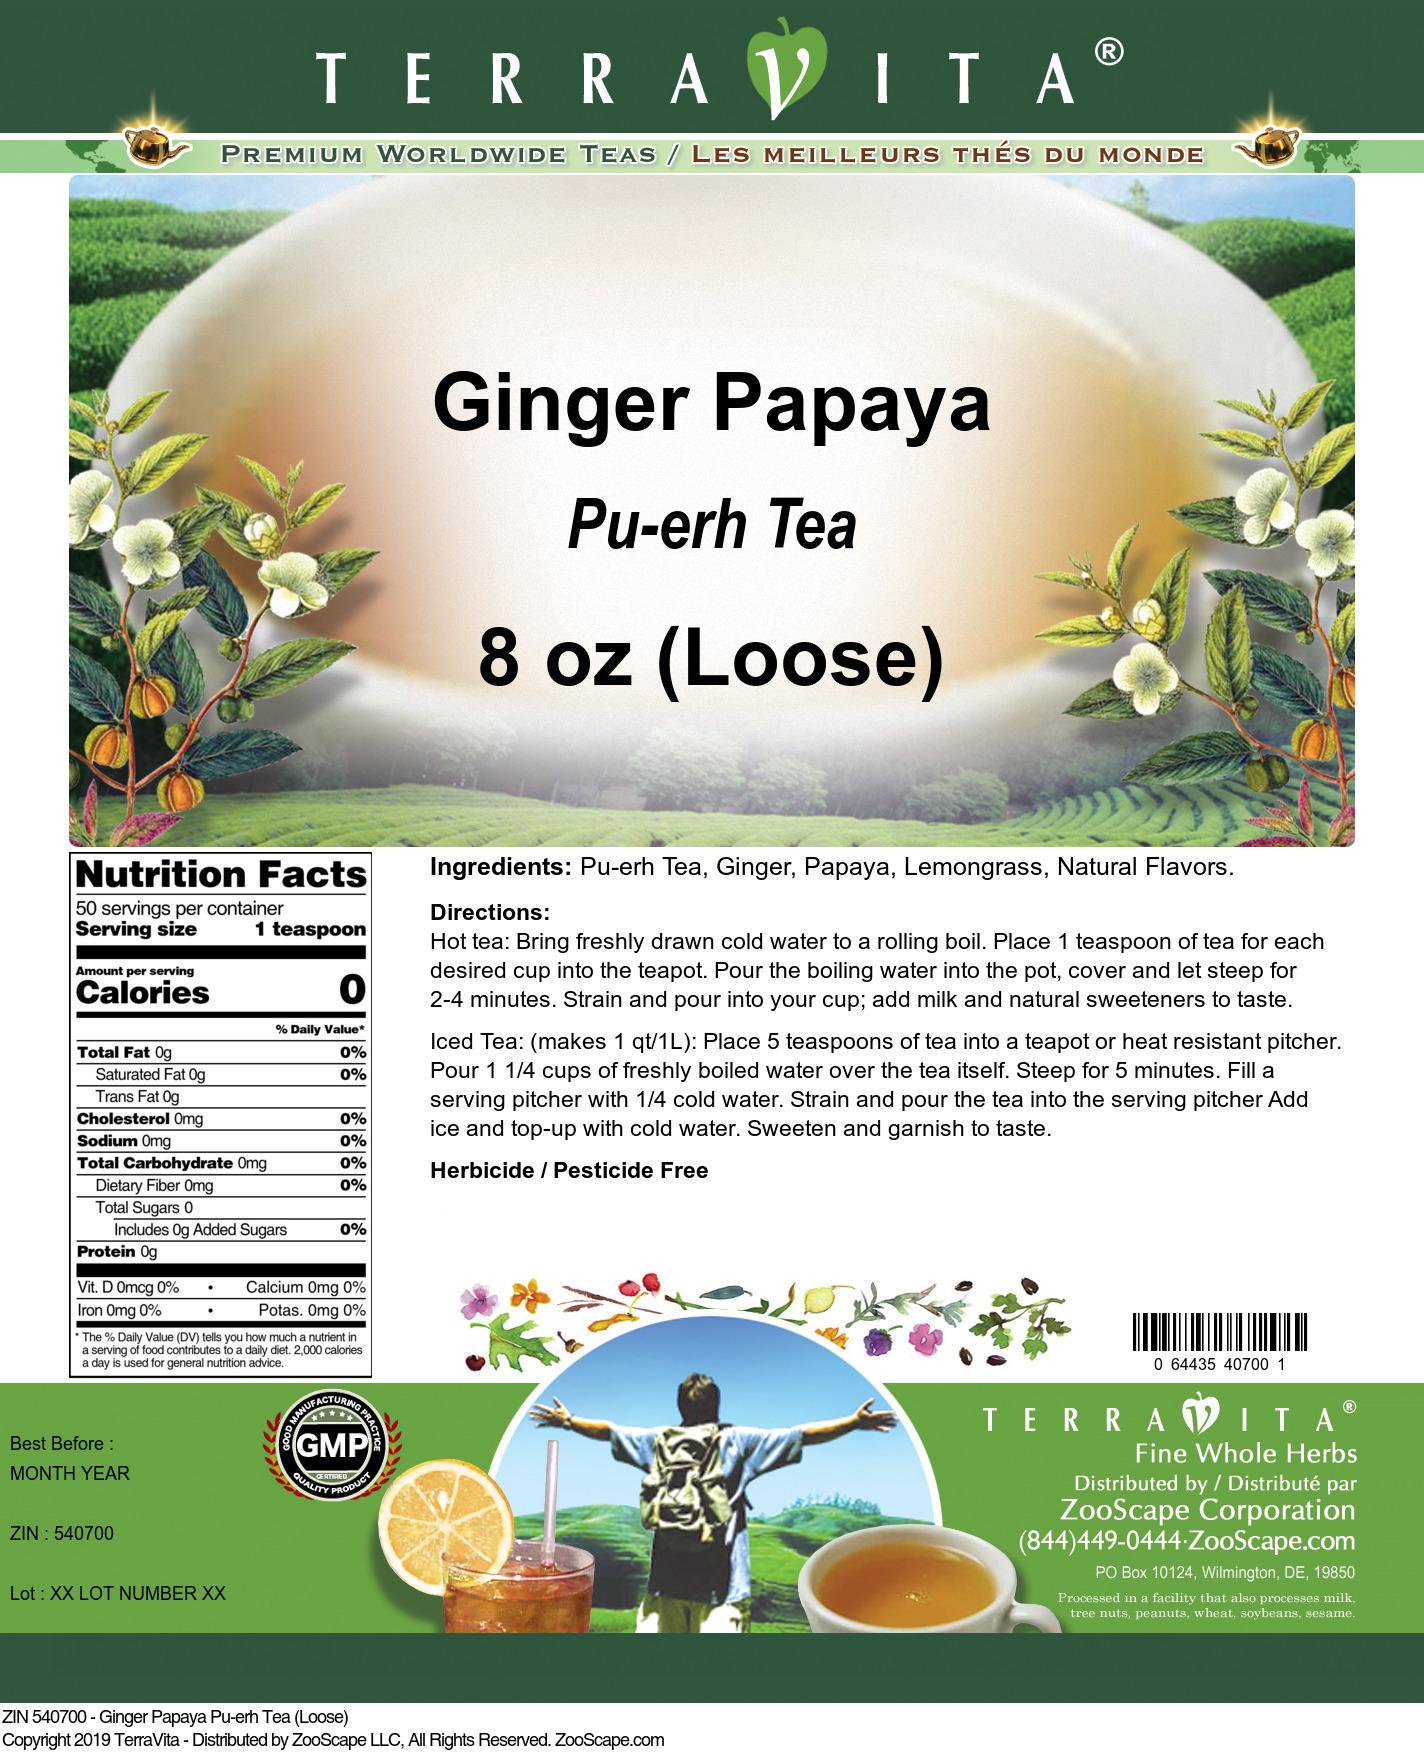 Ginger Papaya Pu-erh Tea